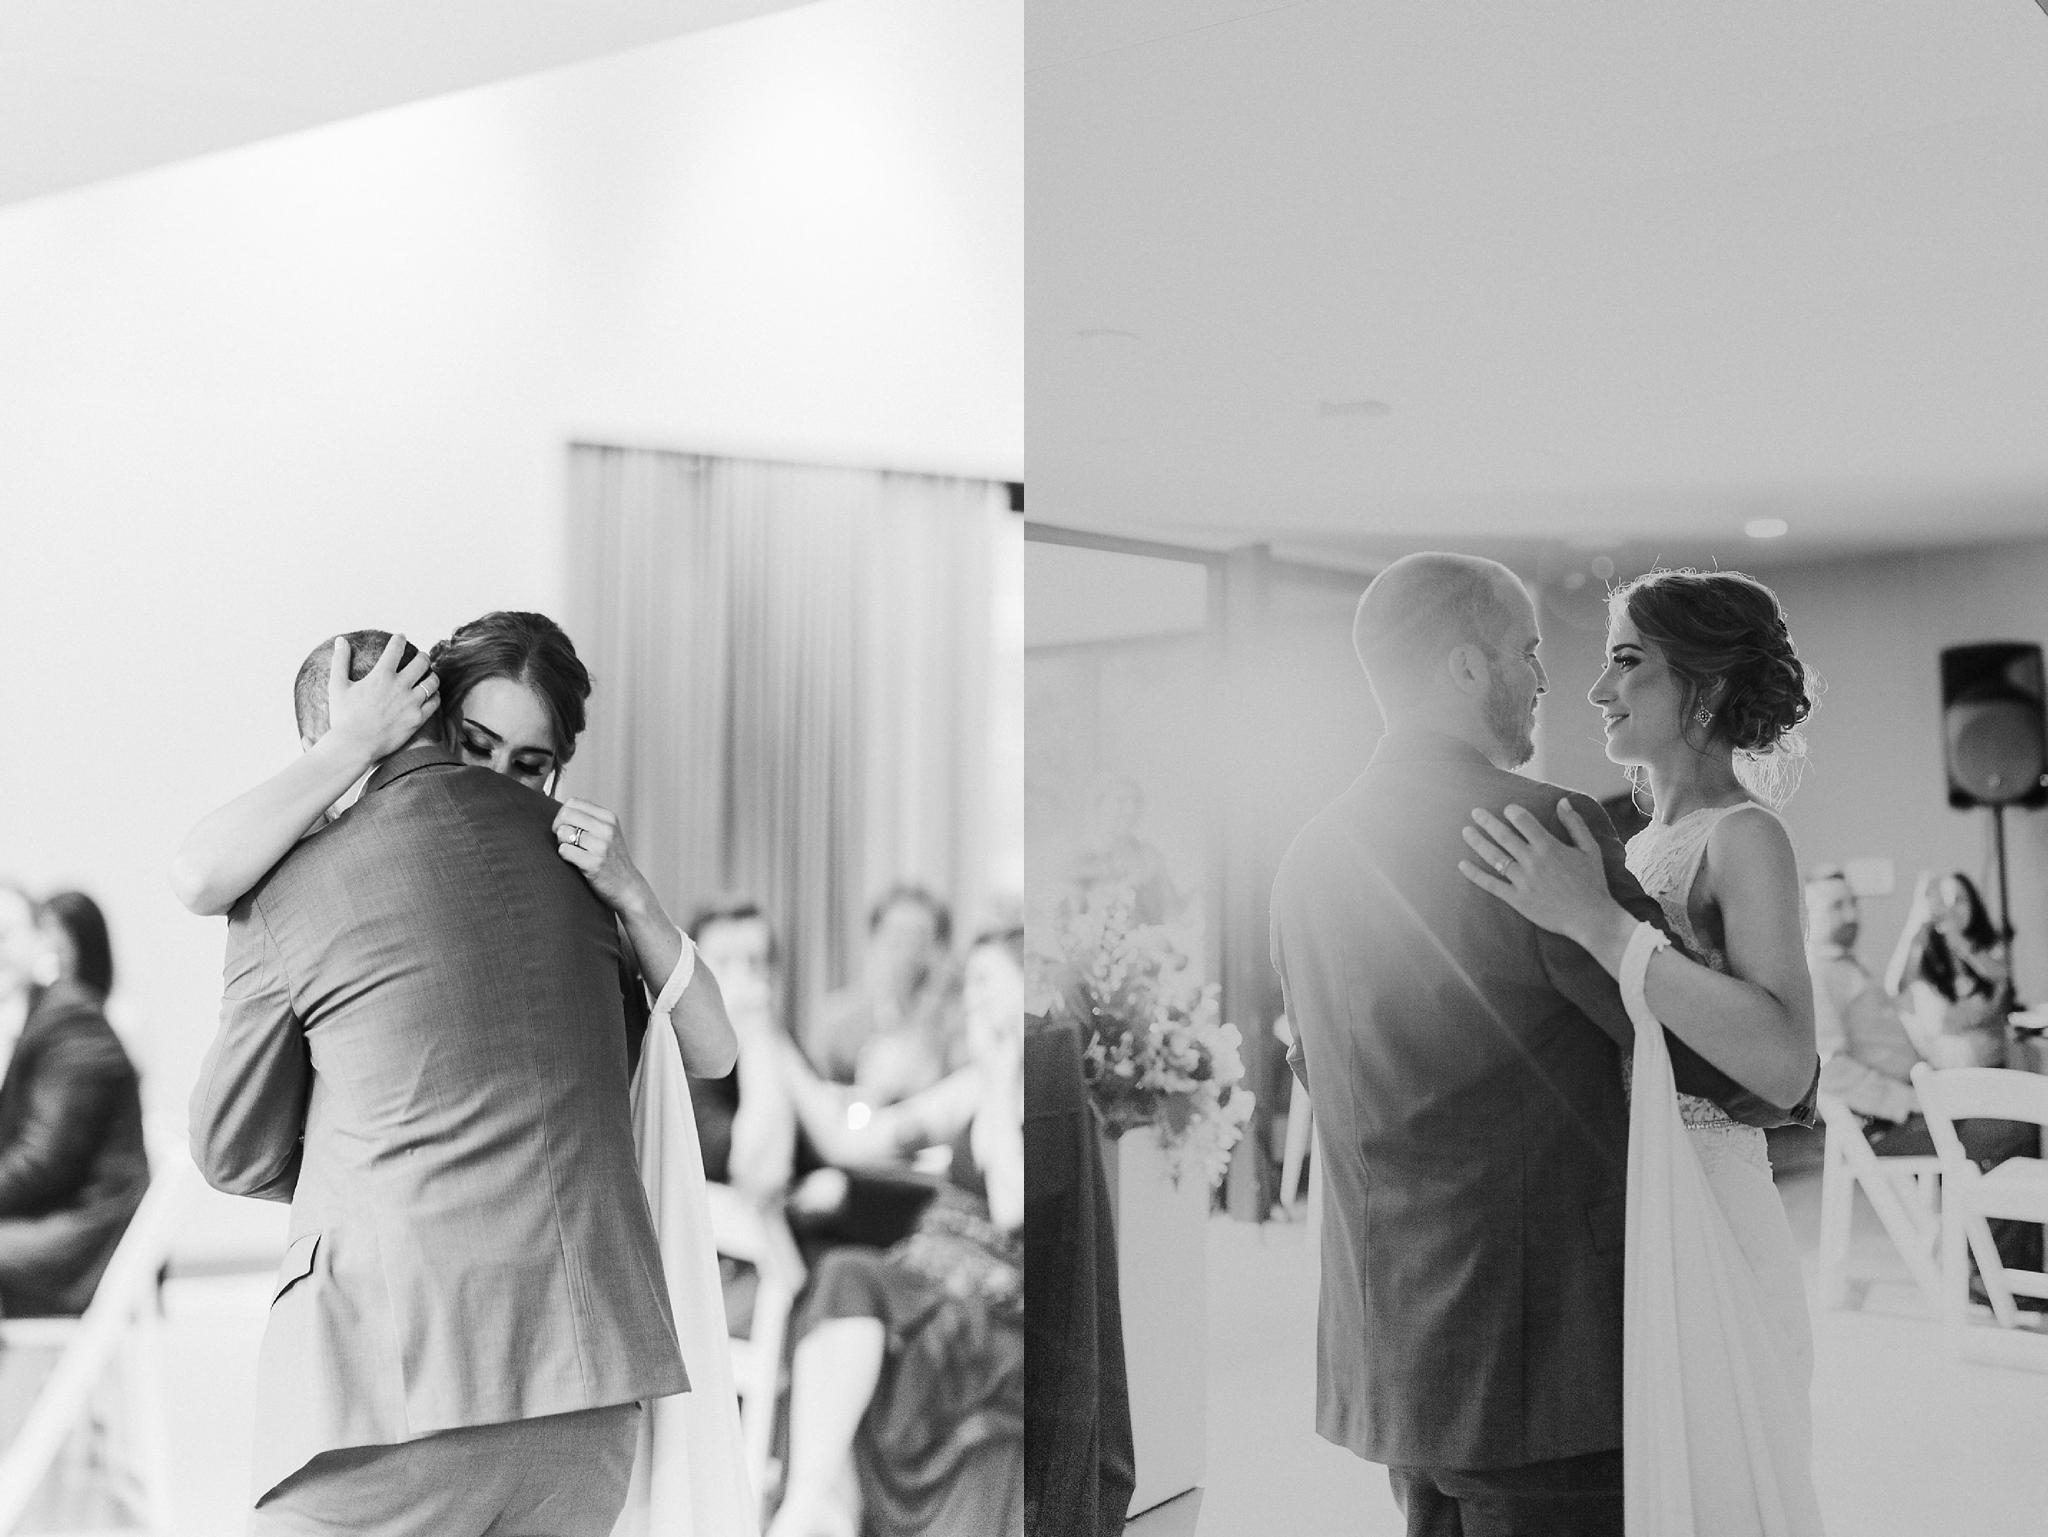 Alicia+lucia+photography+-+albuquerque+wedding+photographer+-+santa+fe+wedding+photography+-+new+mexico+wedding+photographer+-+new+mexico+wedding+-+wedding+photographer+-+wedding+photographer+team_0004.jpg